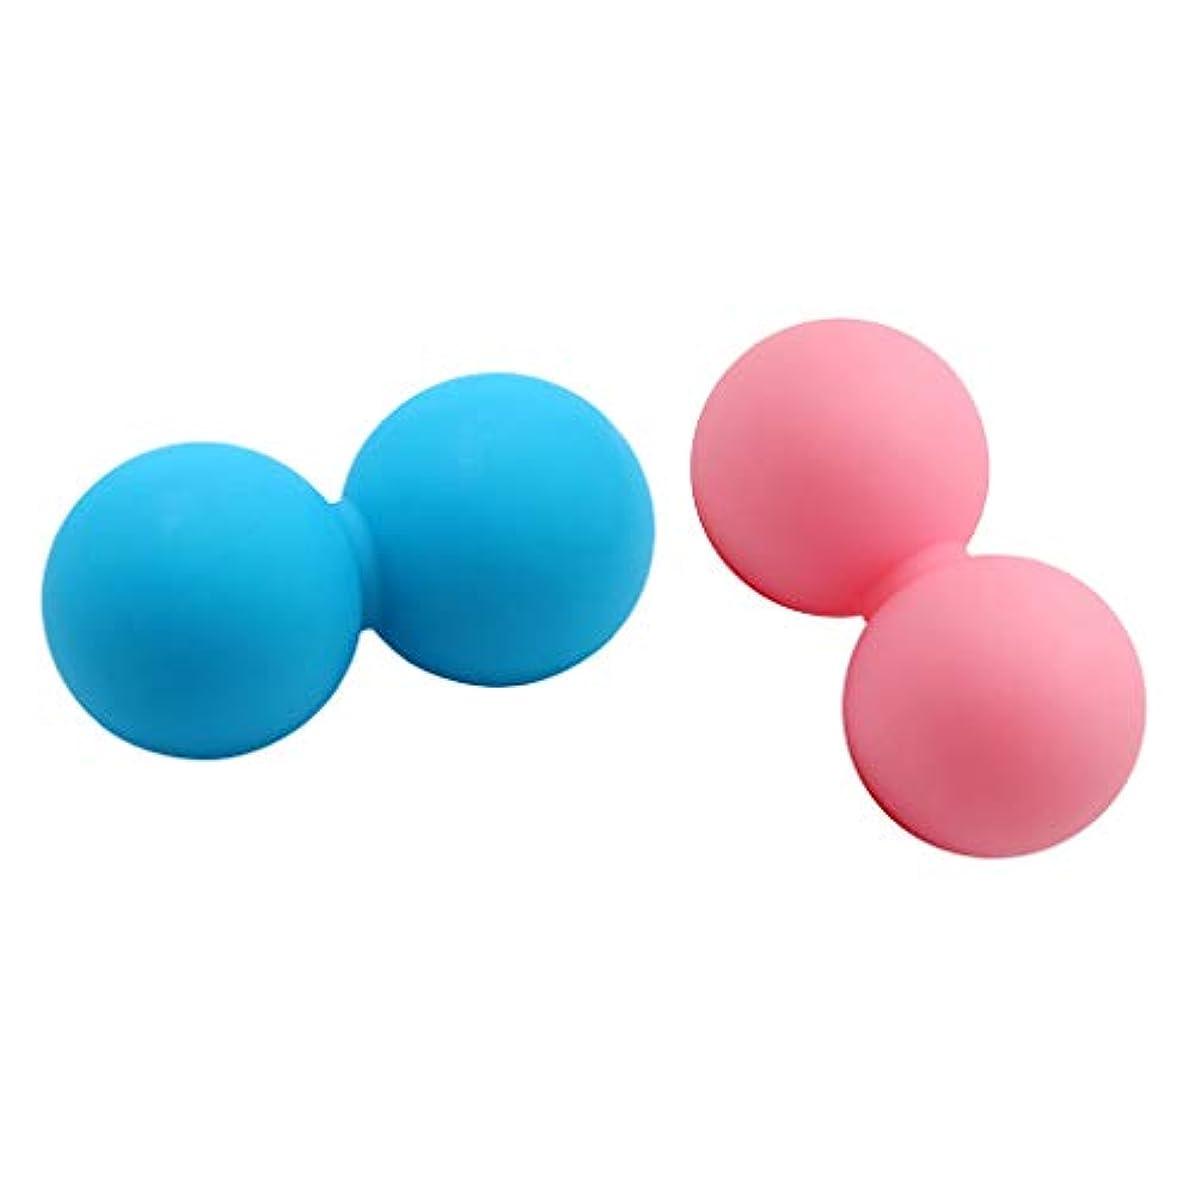 愚か解体する傾向マッサージボール ピーナッツ ダブルラクロスマッサージボール リガーポイント ツボマッサージ 2個入